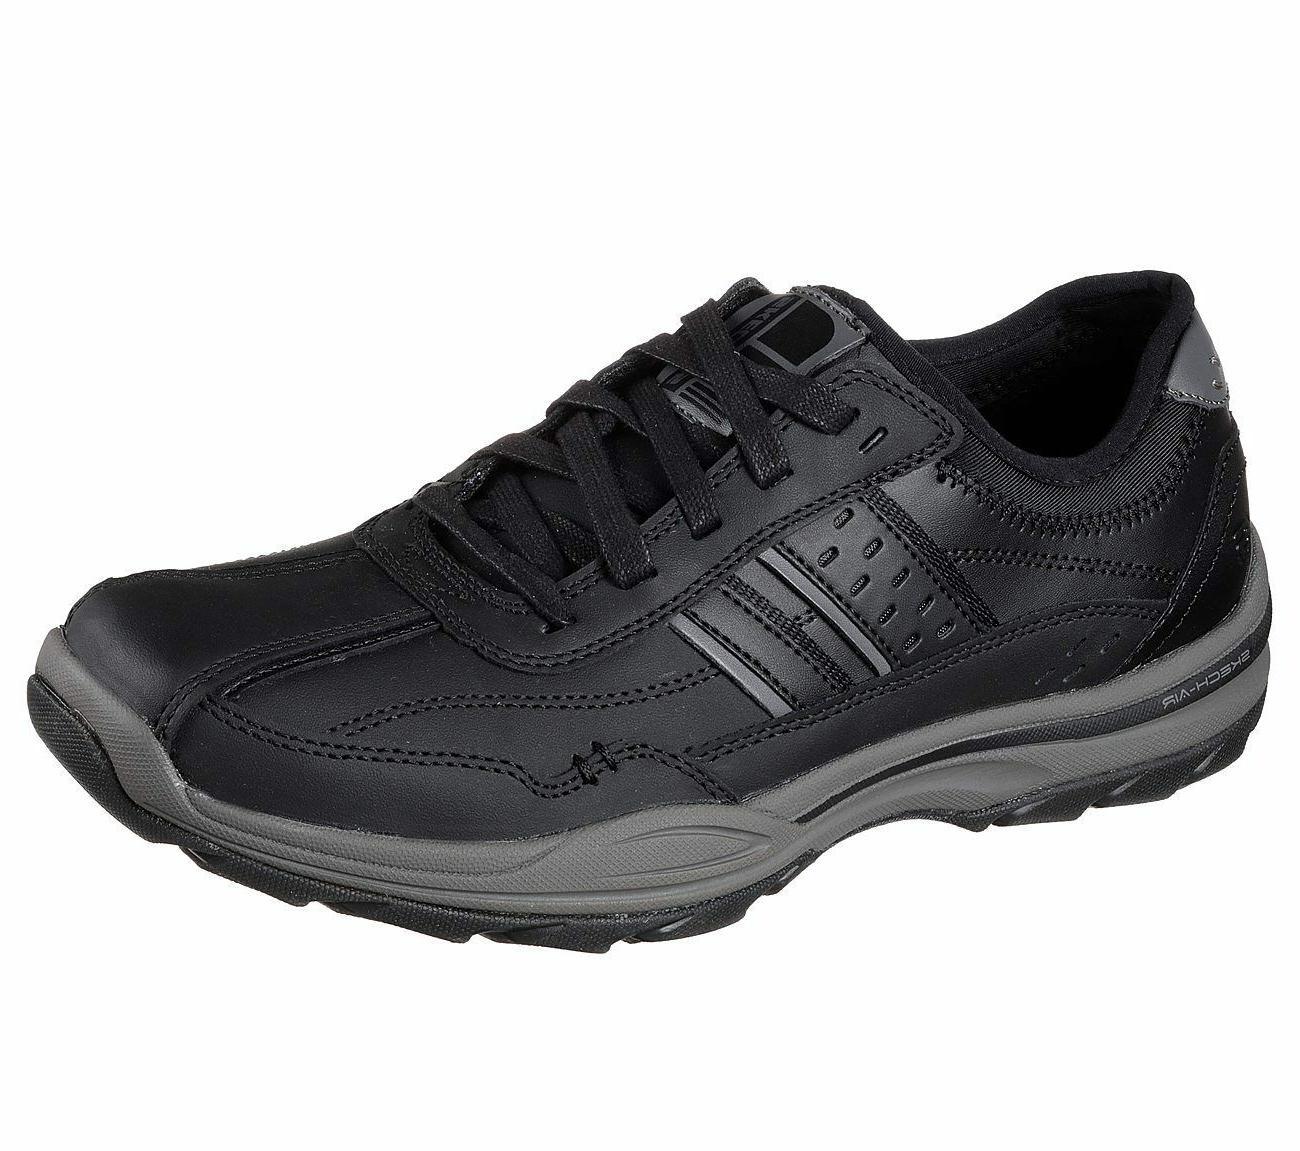 65055 black shoes men memory foam lace